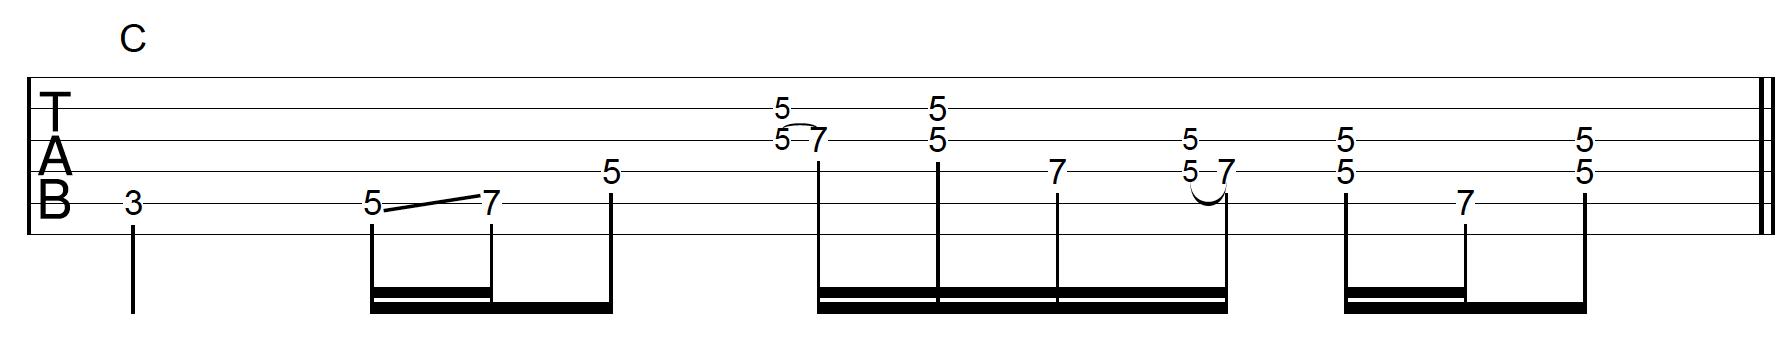 Rhythm Guitar Chord Fill 3